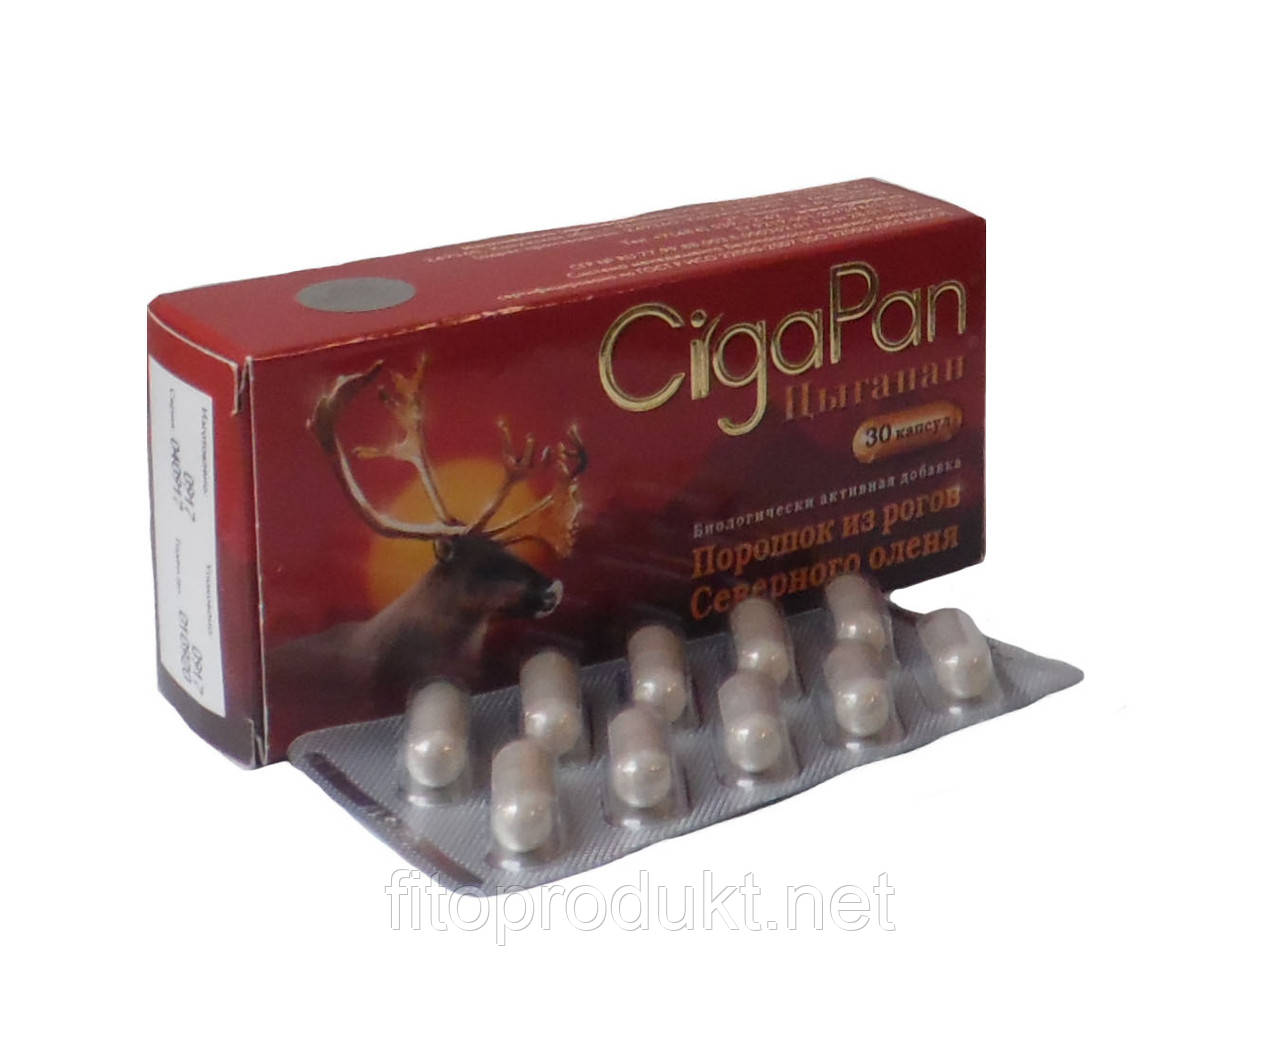 БАД Цыгапан зміцнює здоров'я та продовжує молодість 30 капсул по 400 мг Планета здоров'я